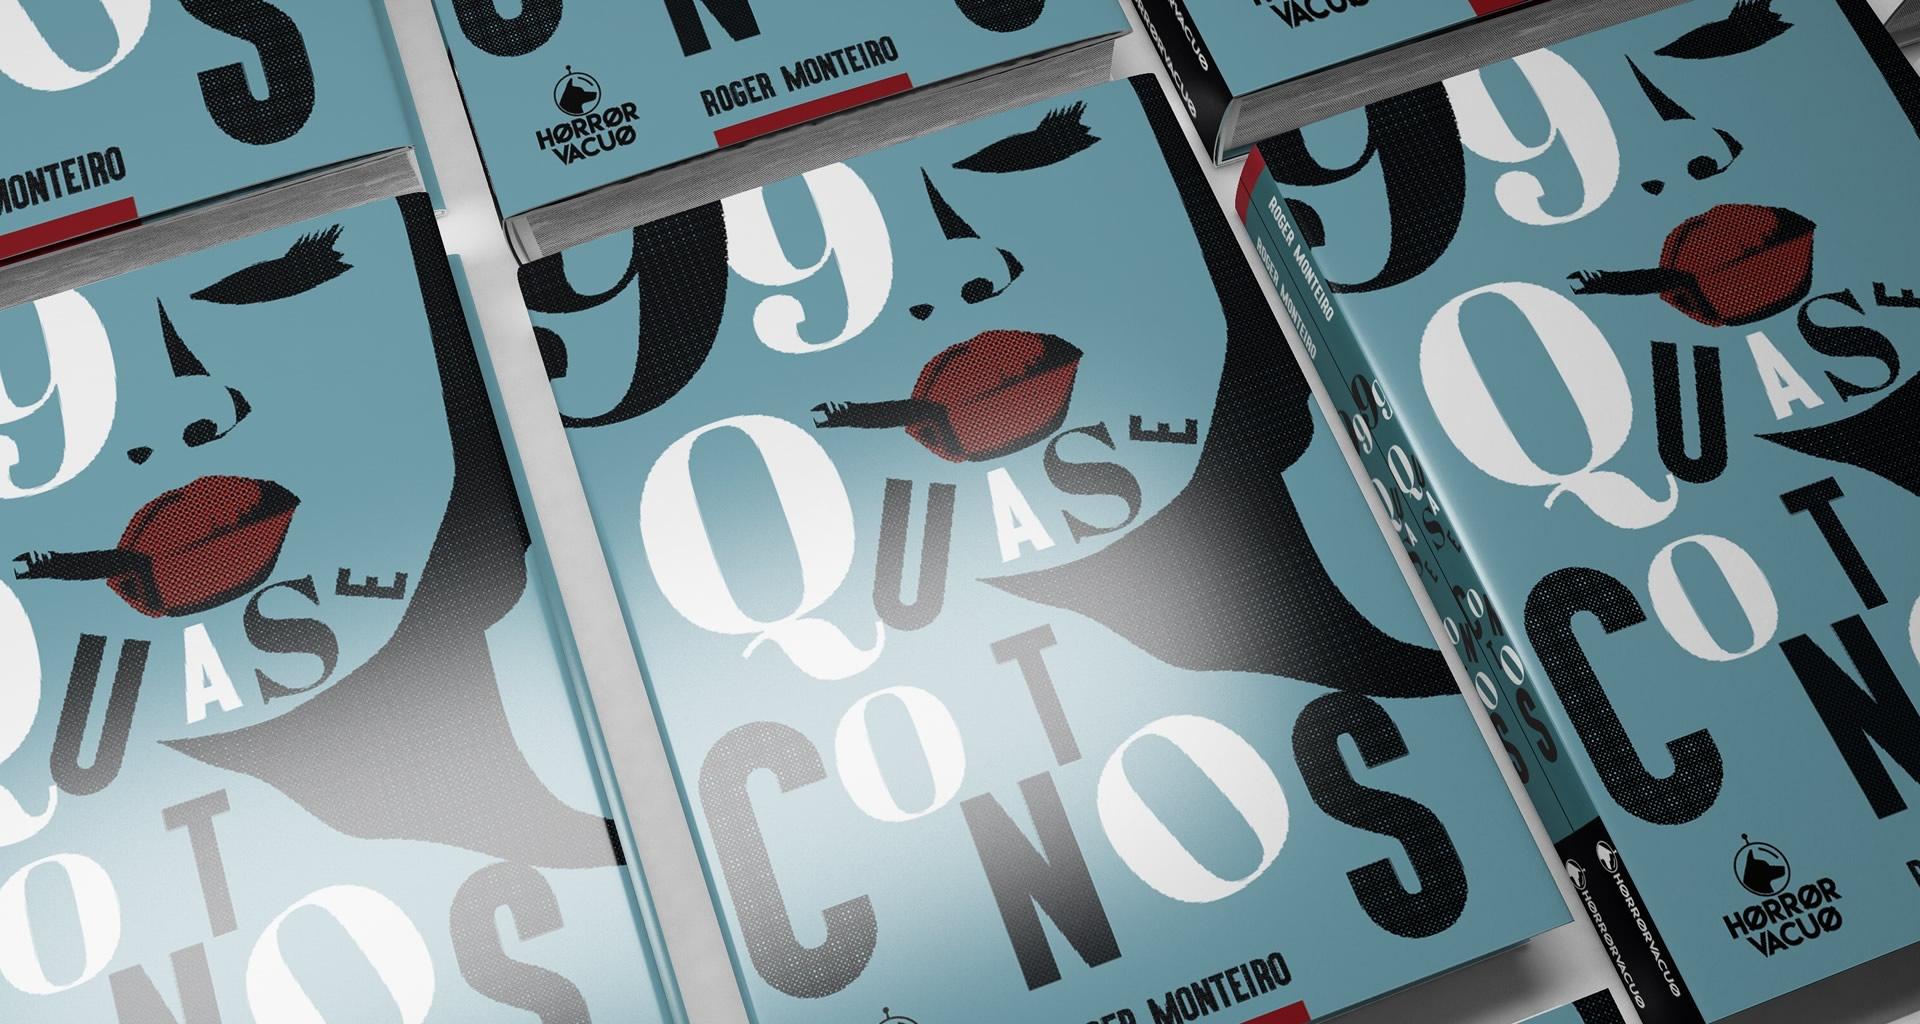 """Lançamento de """"99 Quase Contos"""", obra de Roger Monteiro"""